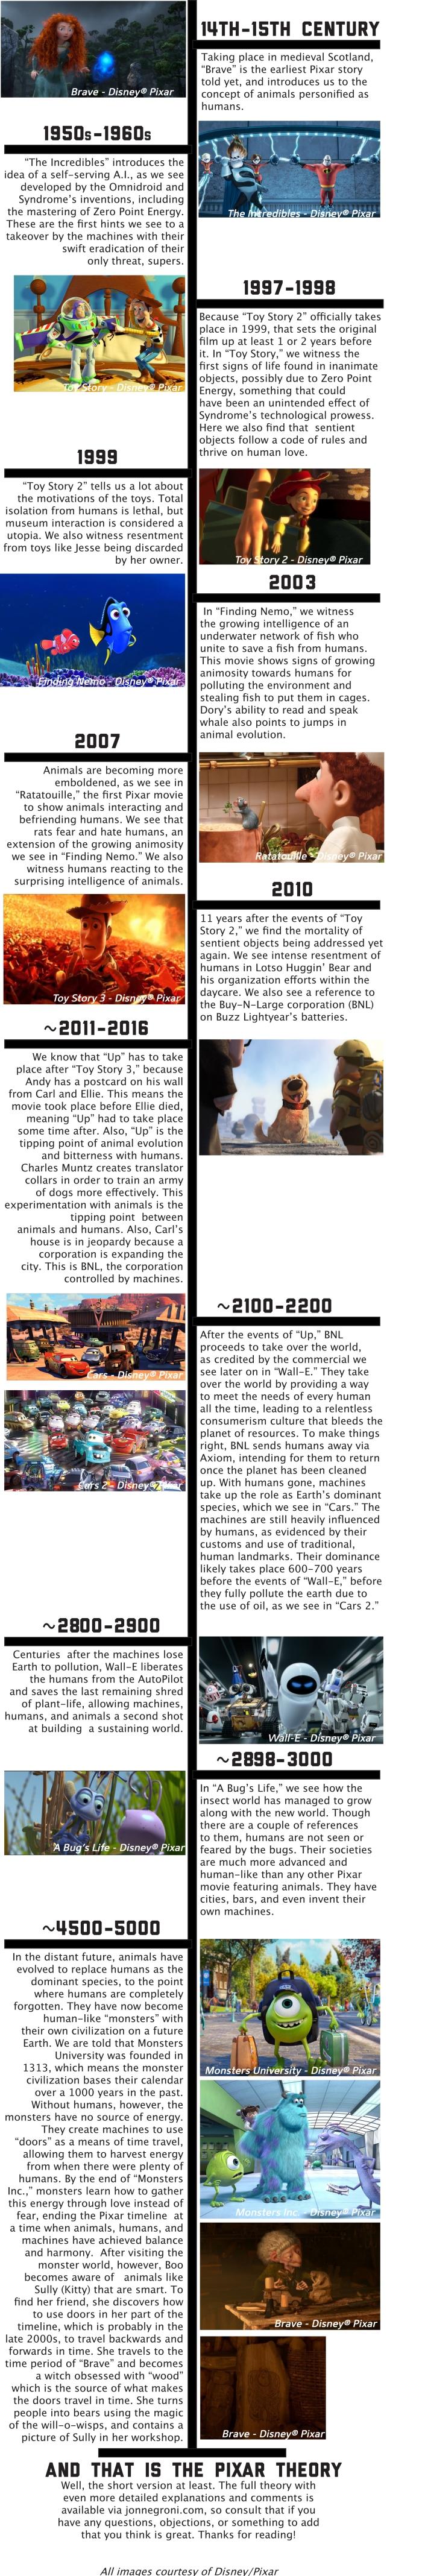 Este vídeo evidencia la conexión de todas las películas de Pixar